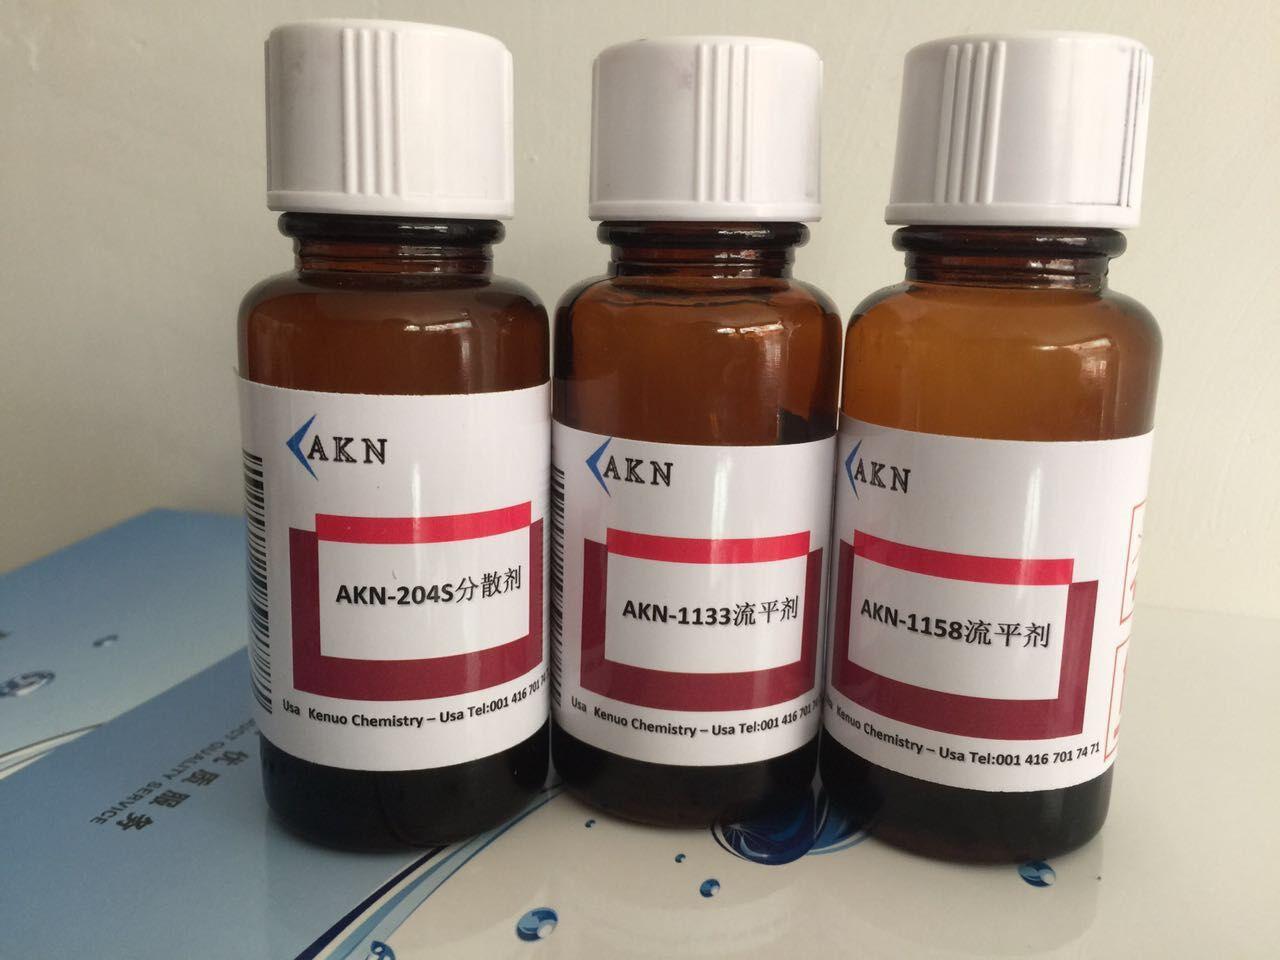 奥科诺AKN-3341消泡剂 相当于BYK-141